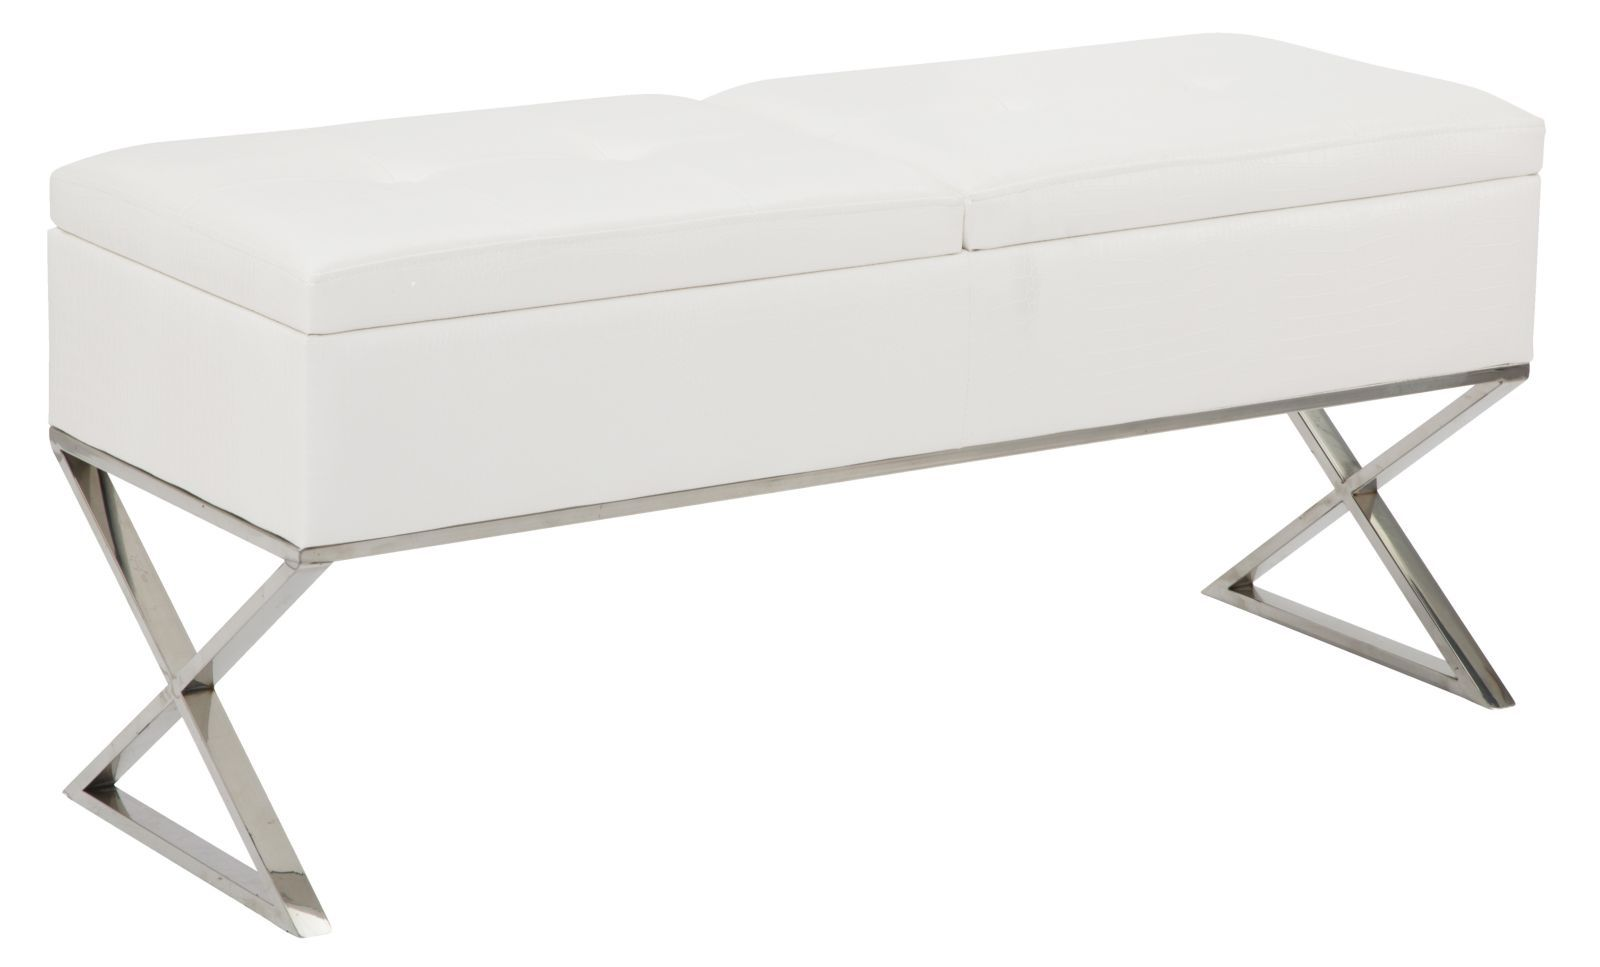 Panca Contenitore Ecopelle : Panca contenitore camera da letto mobili e accessori per la